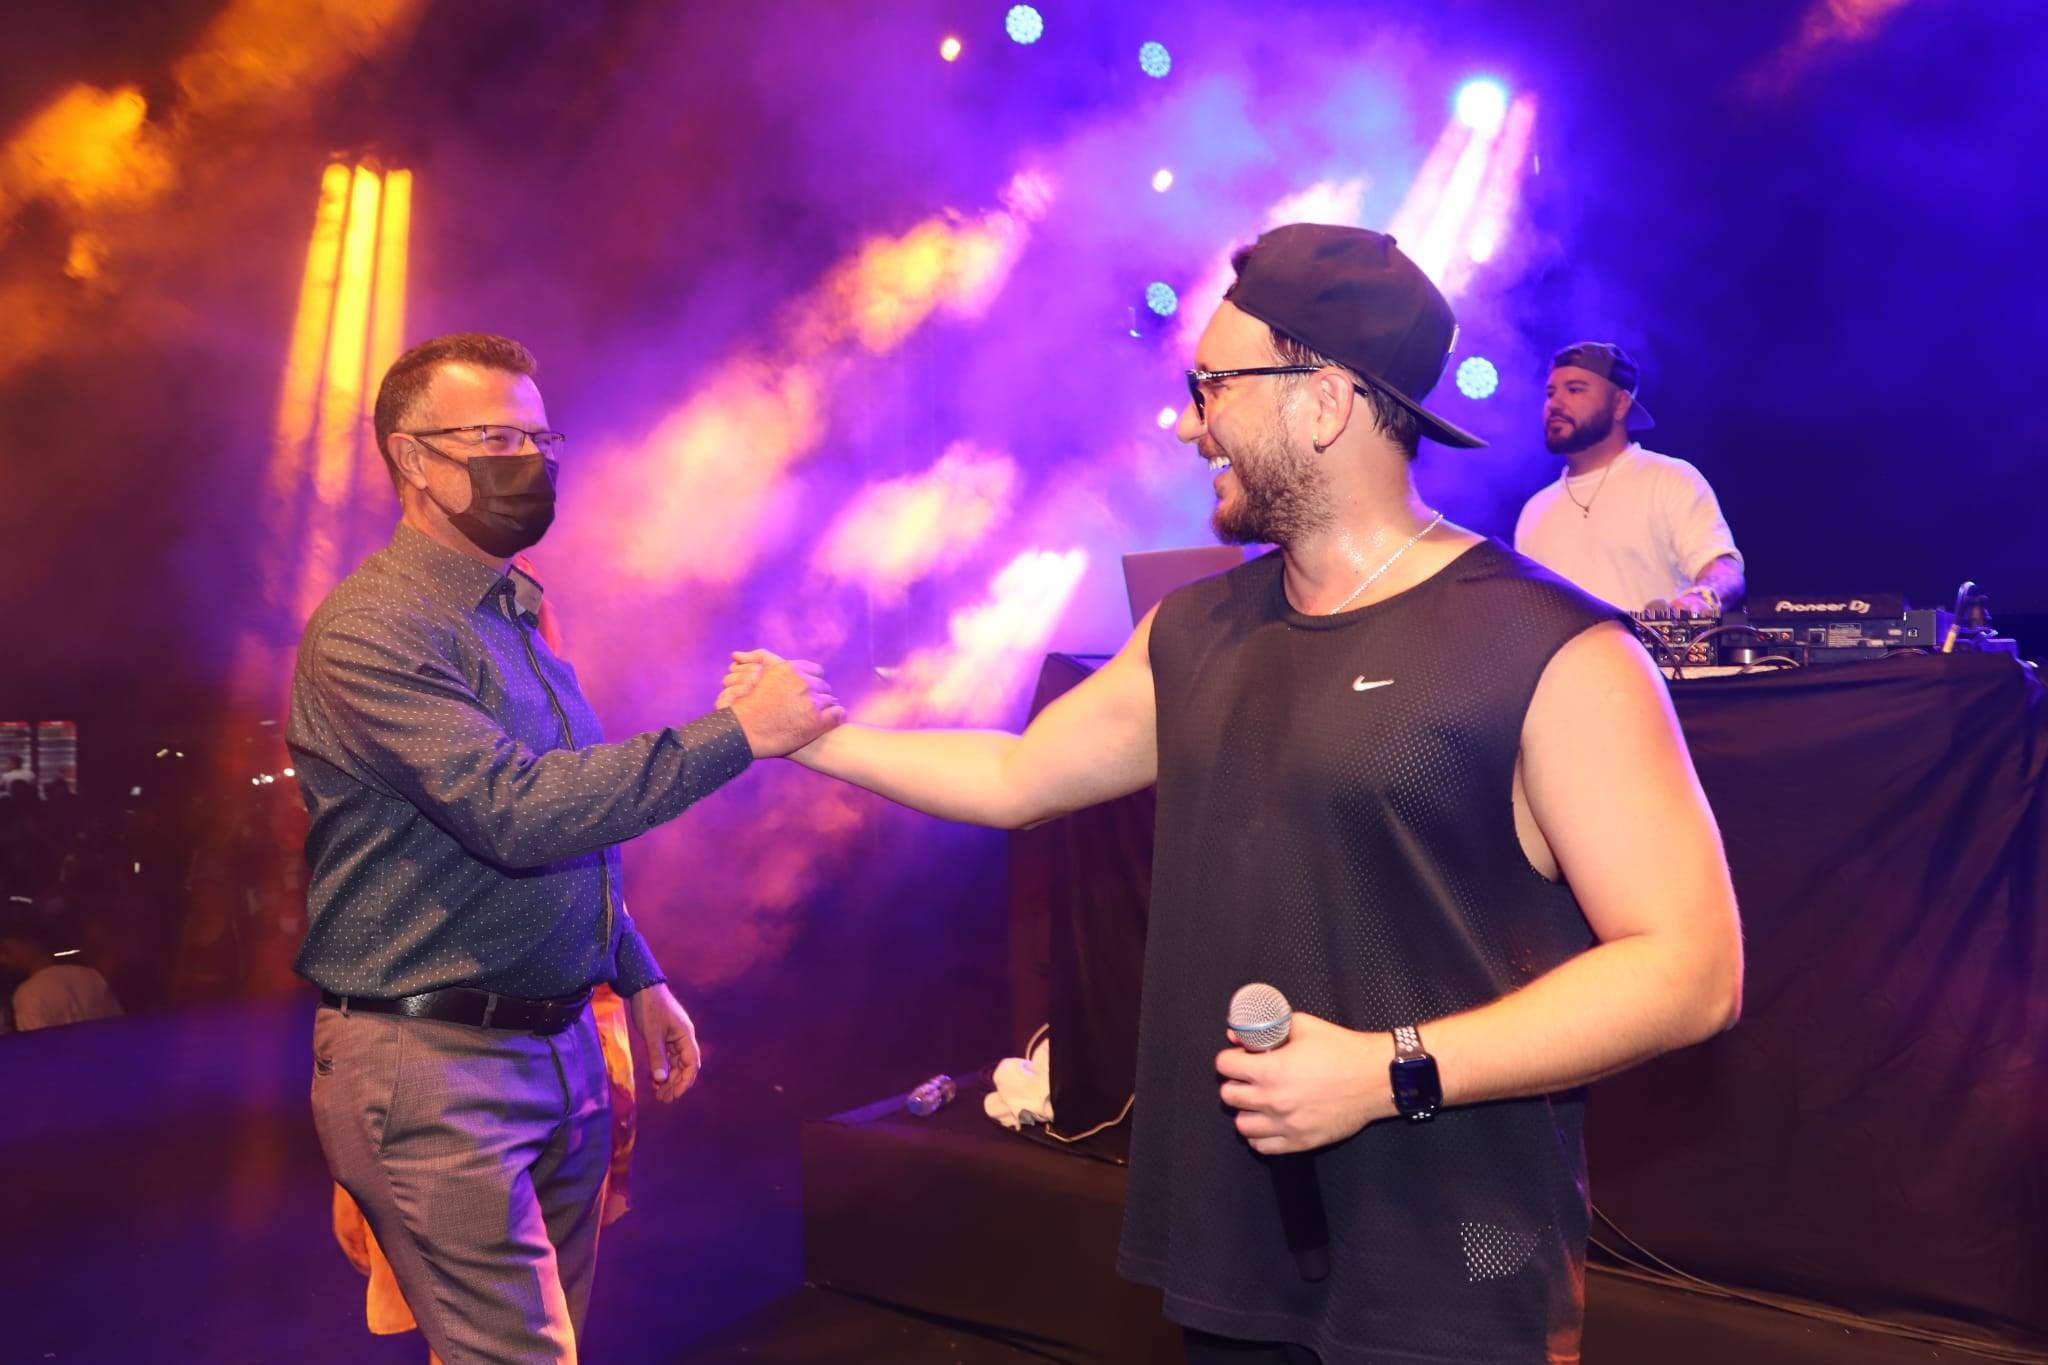 3. Alaşehir Üzüm  Festivalimiz Anıl Piyancı konseri ve Tavla Turnuvasıyla devam etti